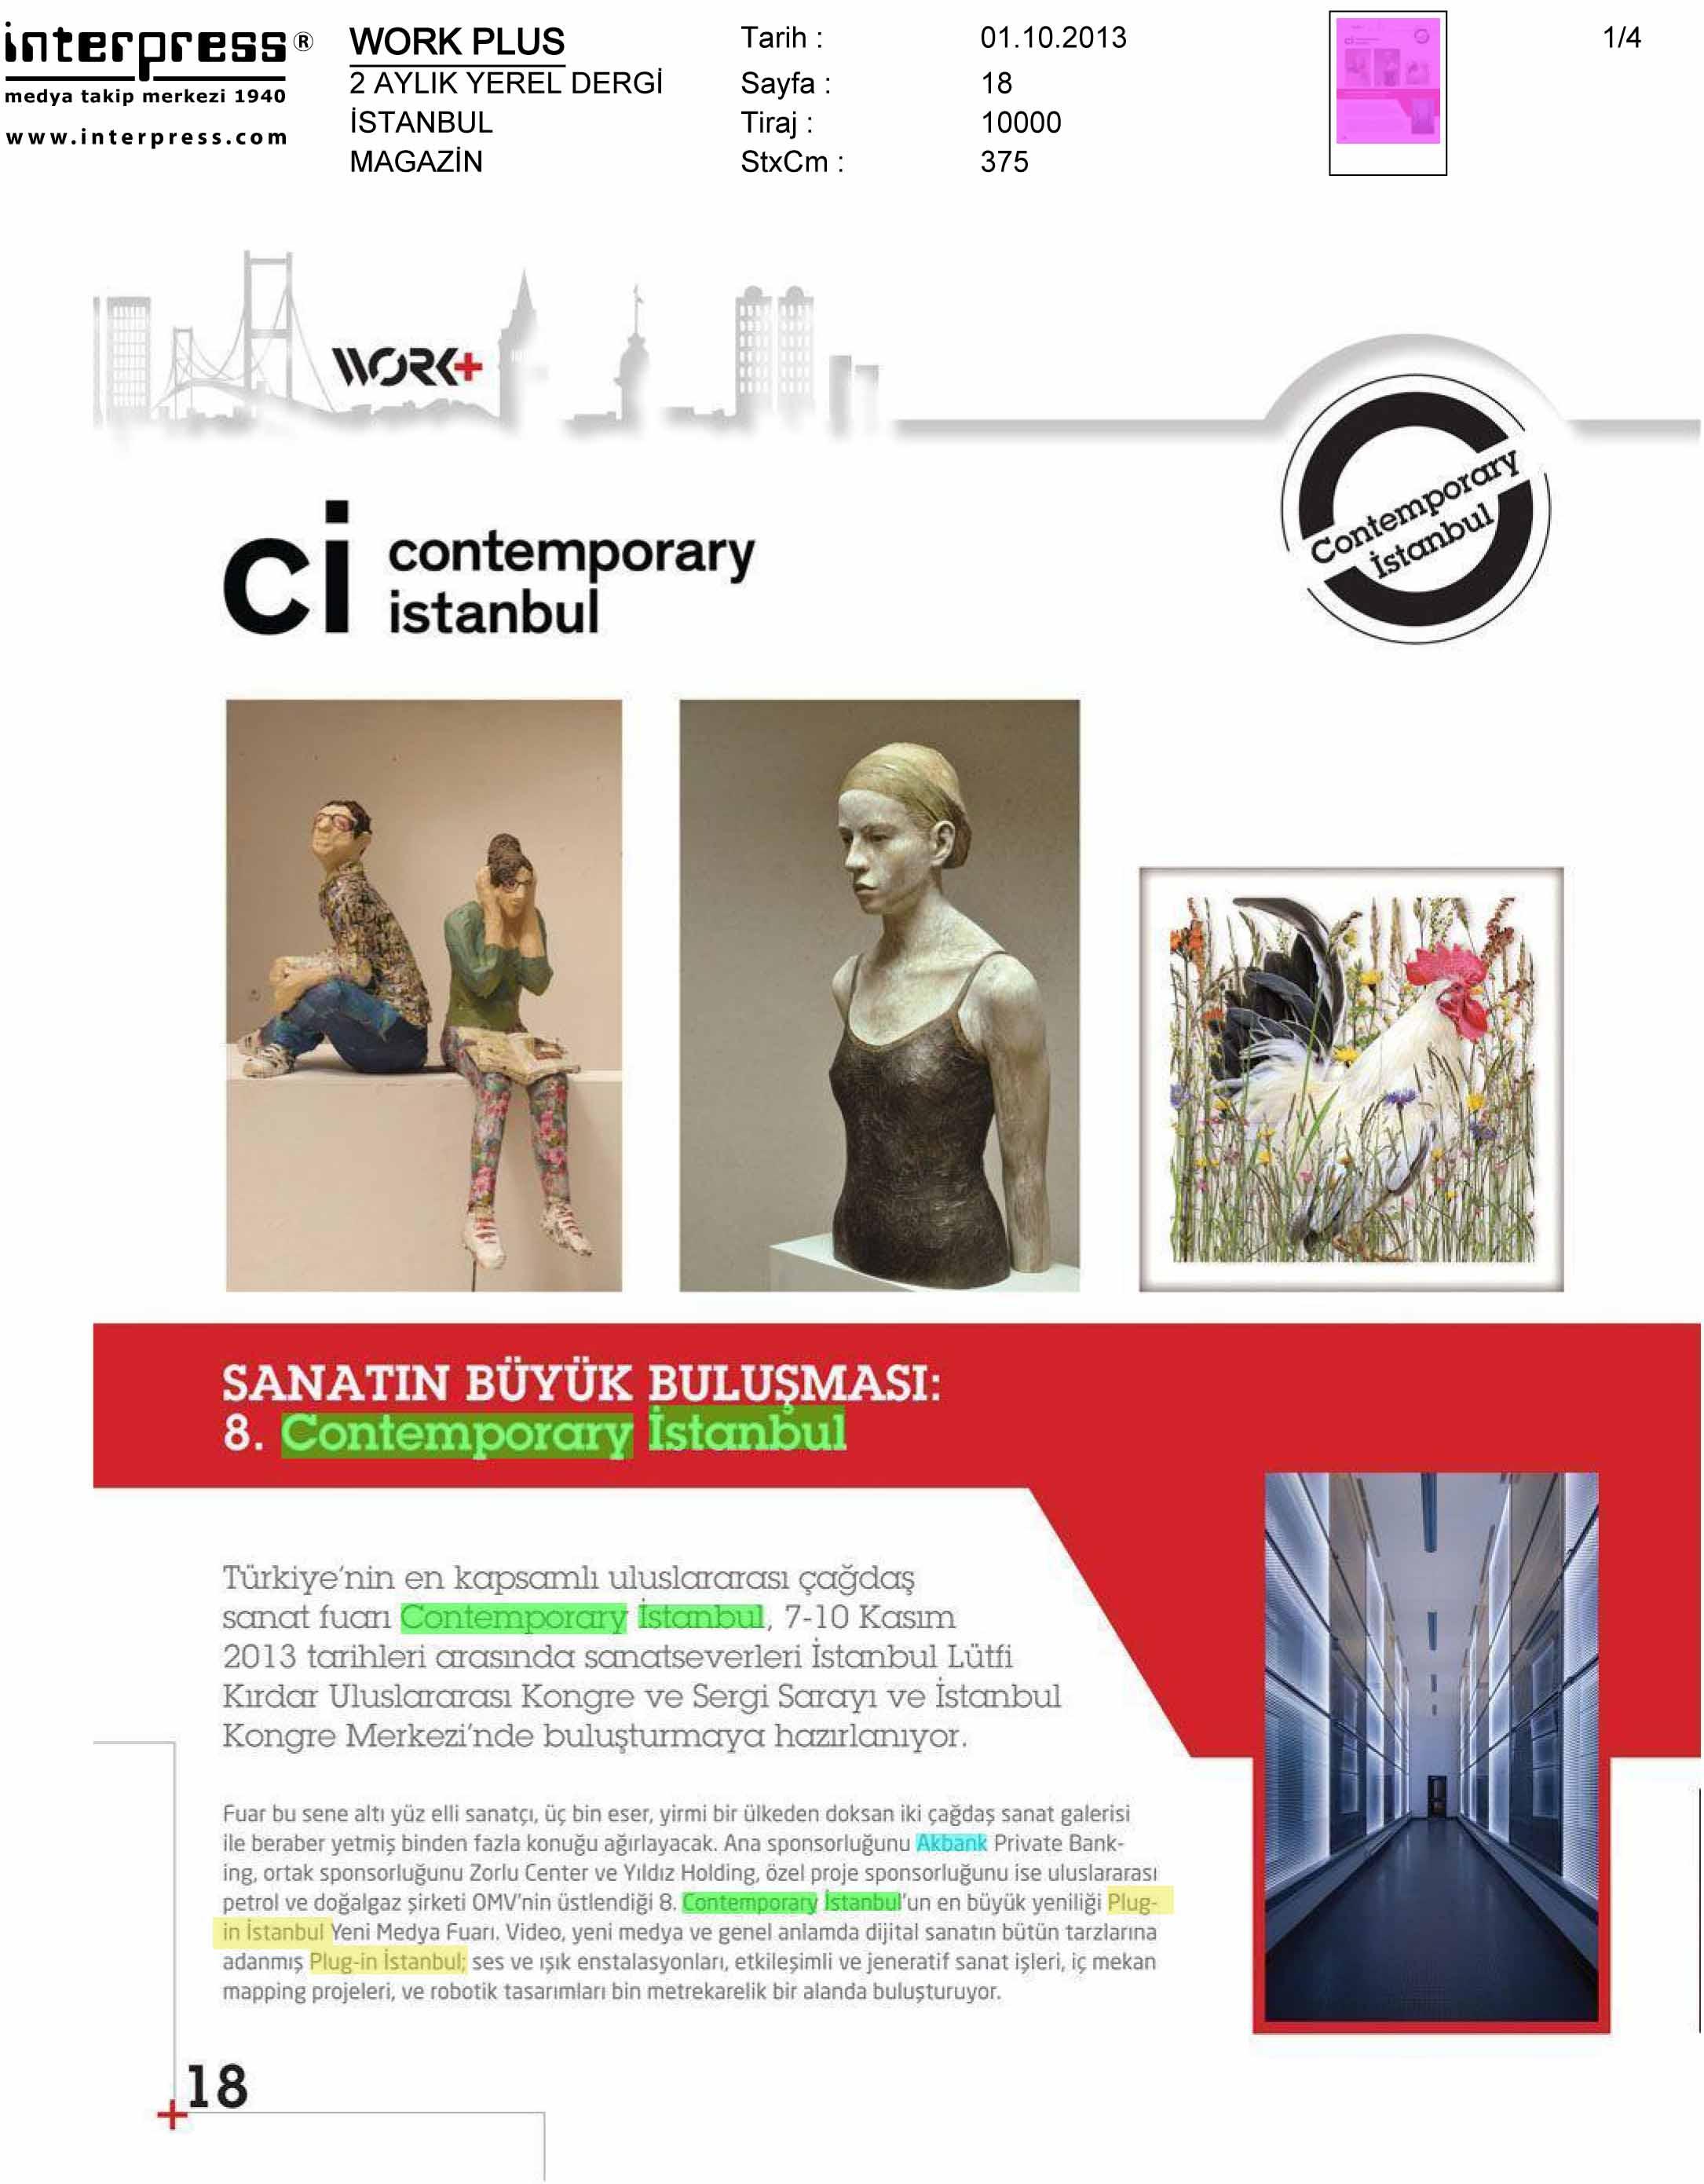 Work Plus - Yerel 2 Aylık Dergi  01.jpg